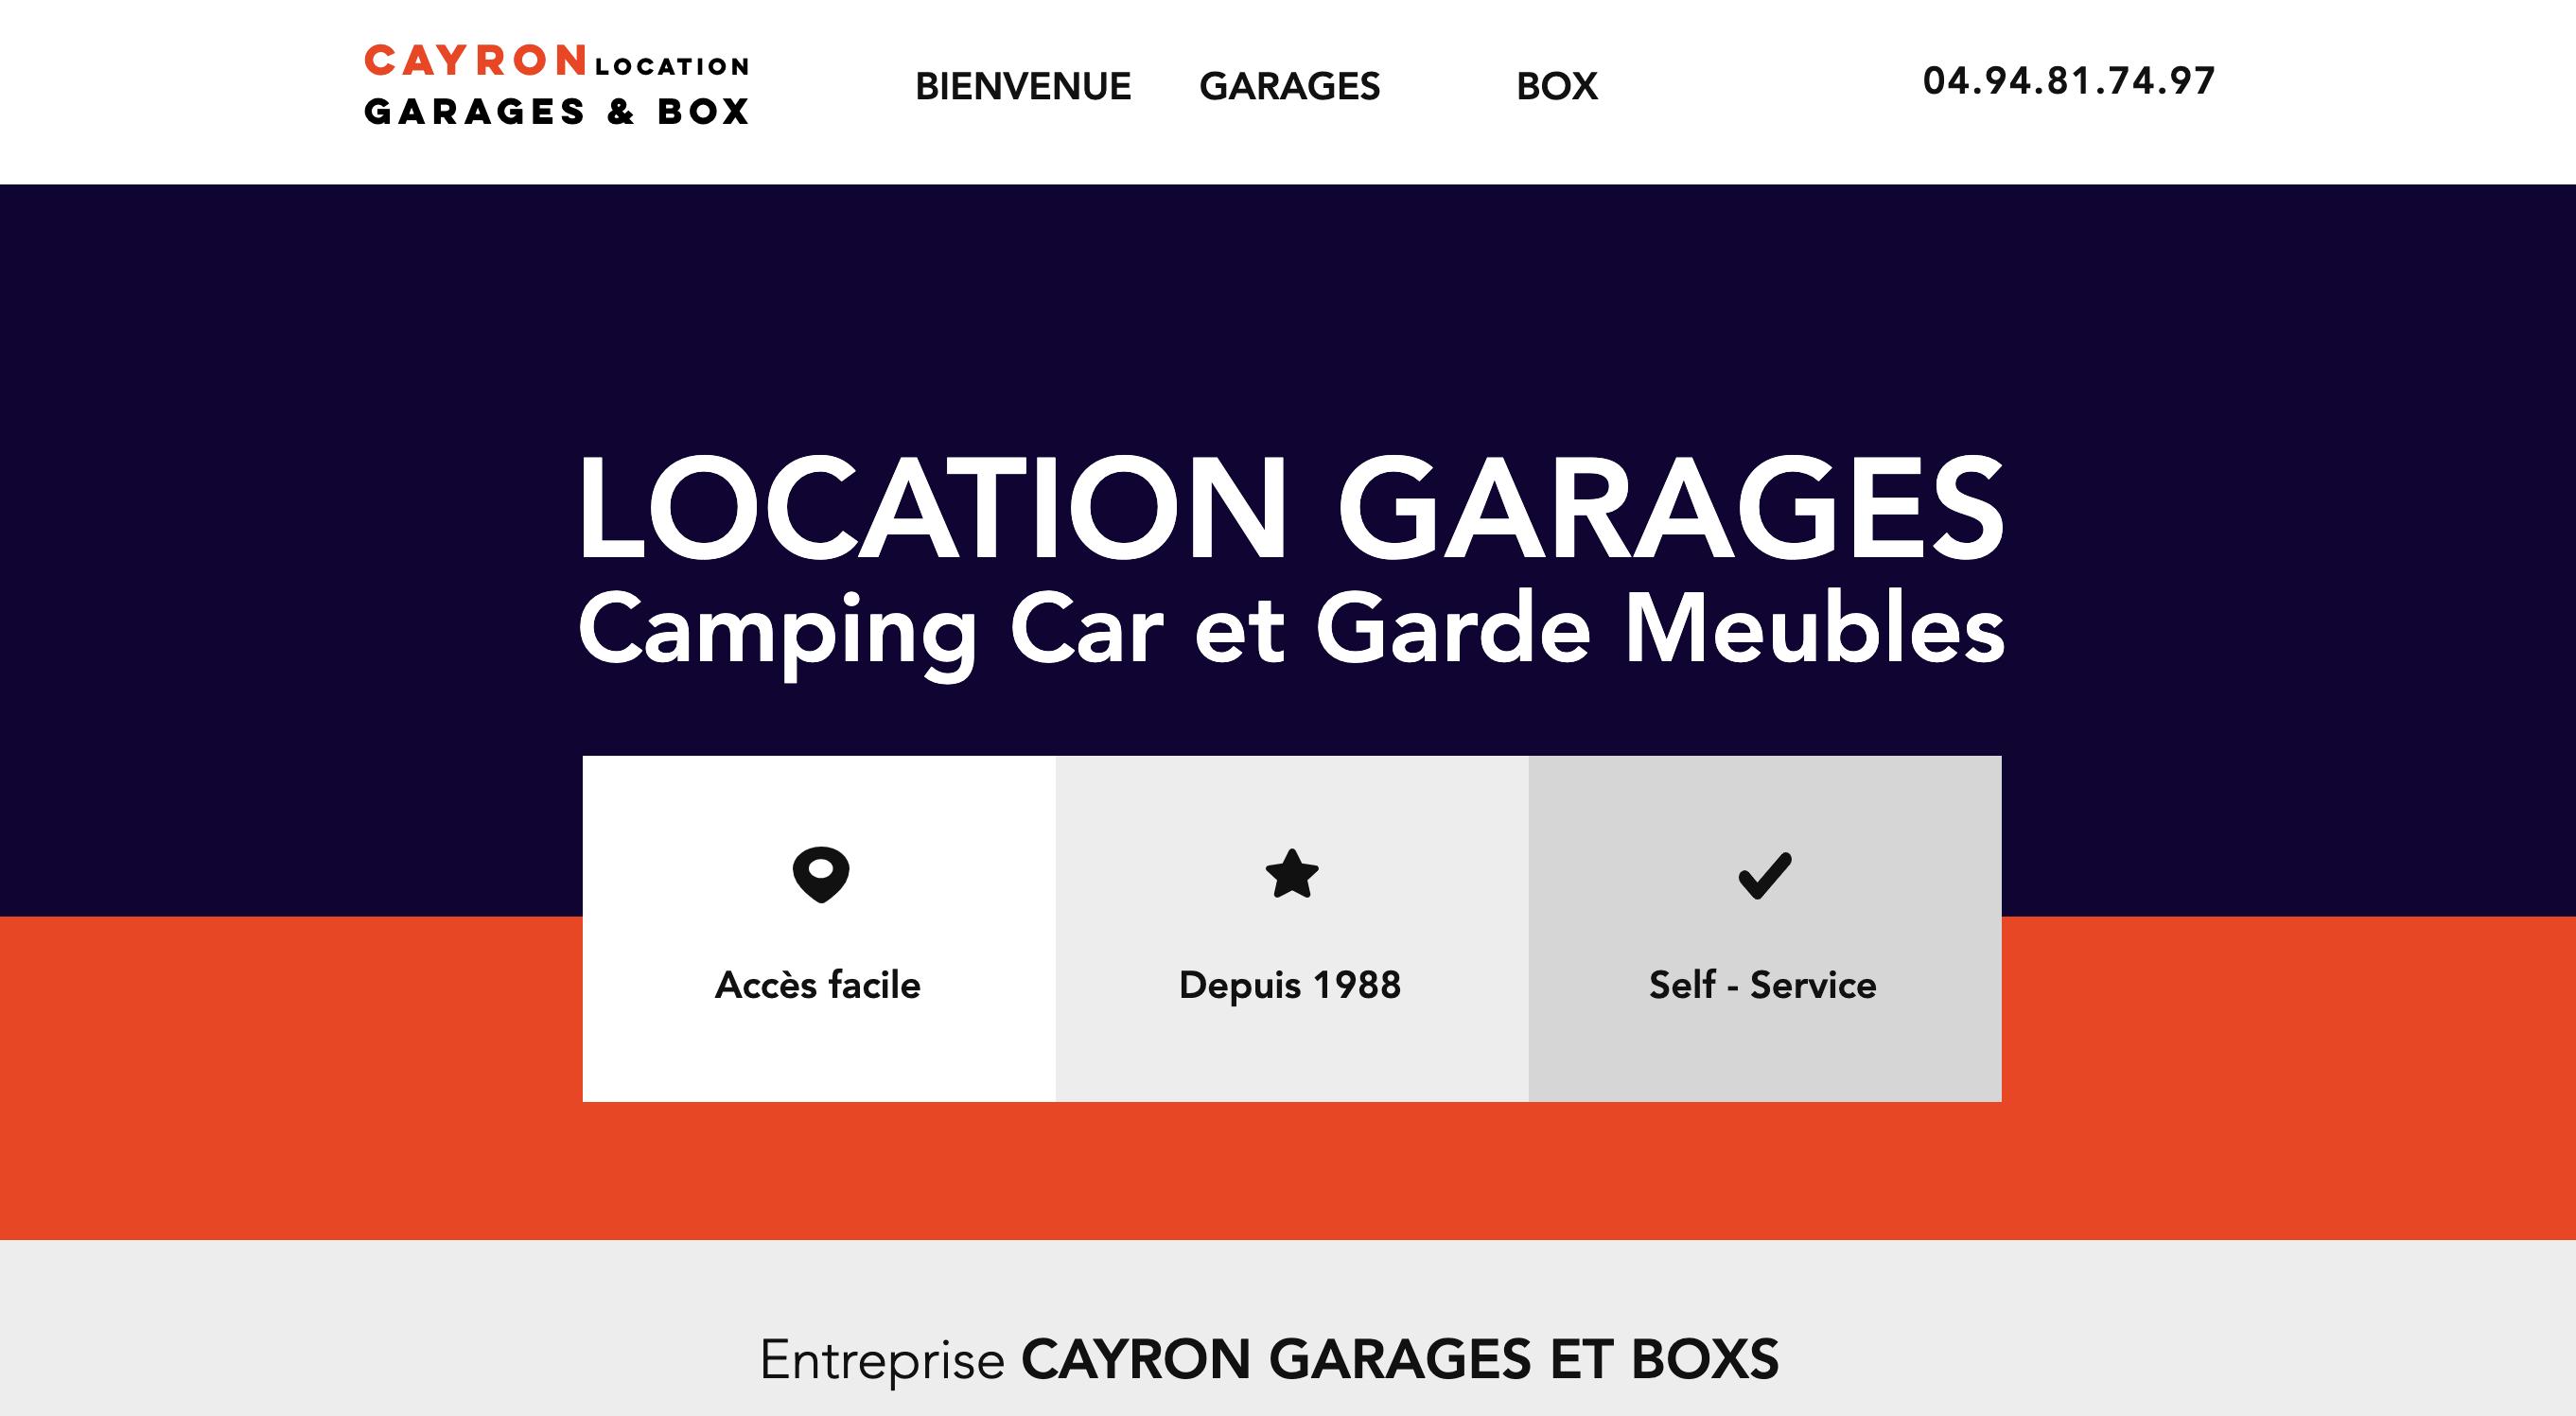 Cayron Garages et Box